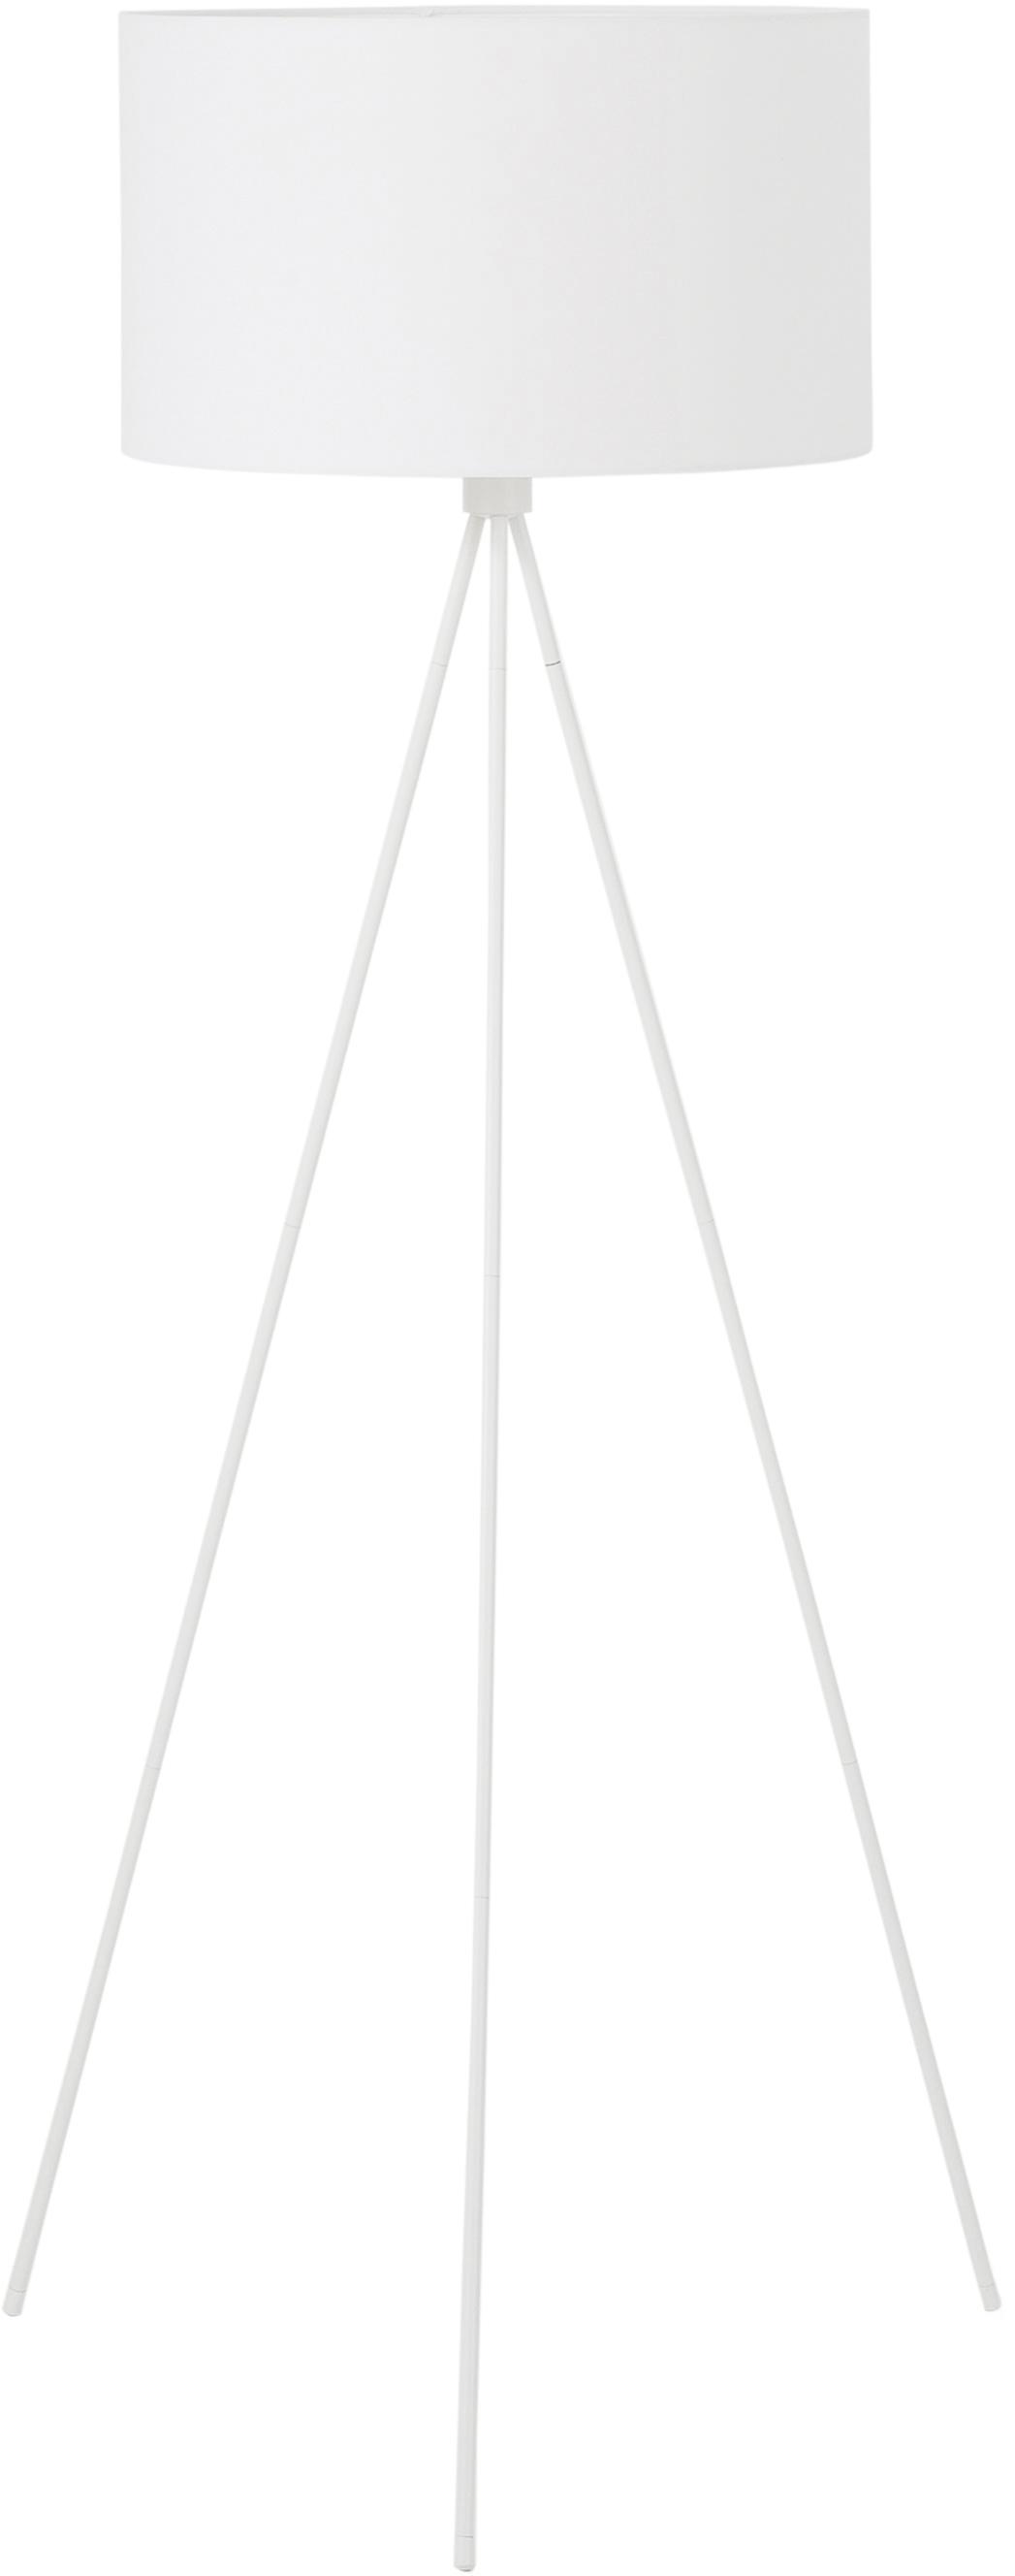 Lámpara de pie Cella, Pantalla: mezcla de algodón, Cable: plástico, Blanco, ∅ 48 x Al 158 cm